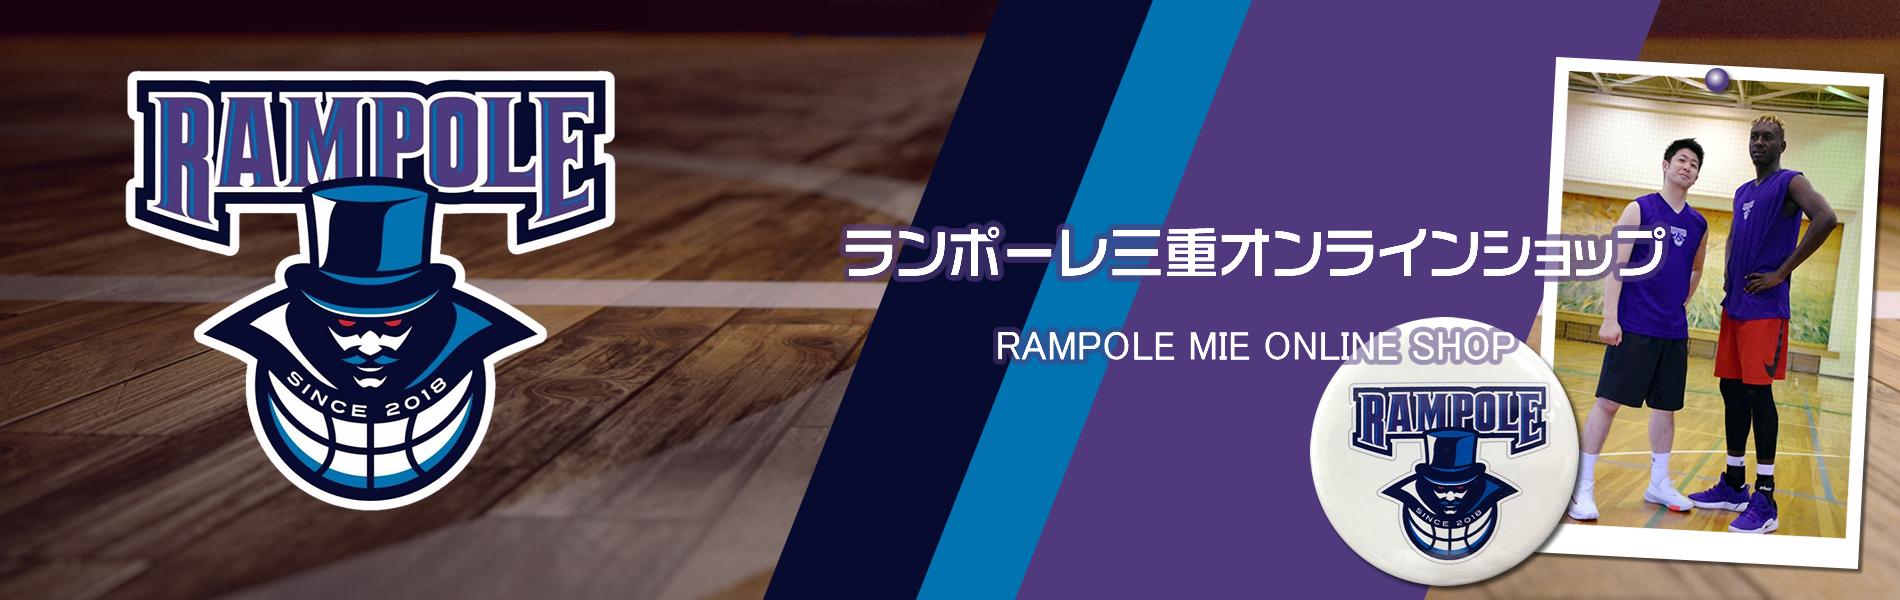 ランポーレ三重 オンラインショップ